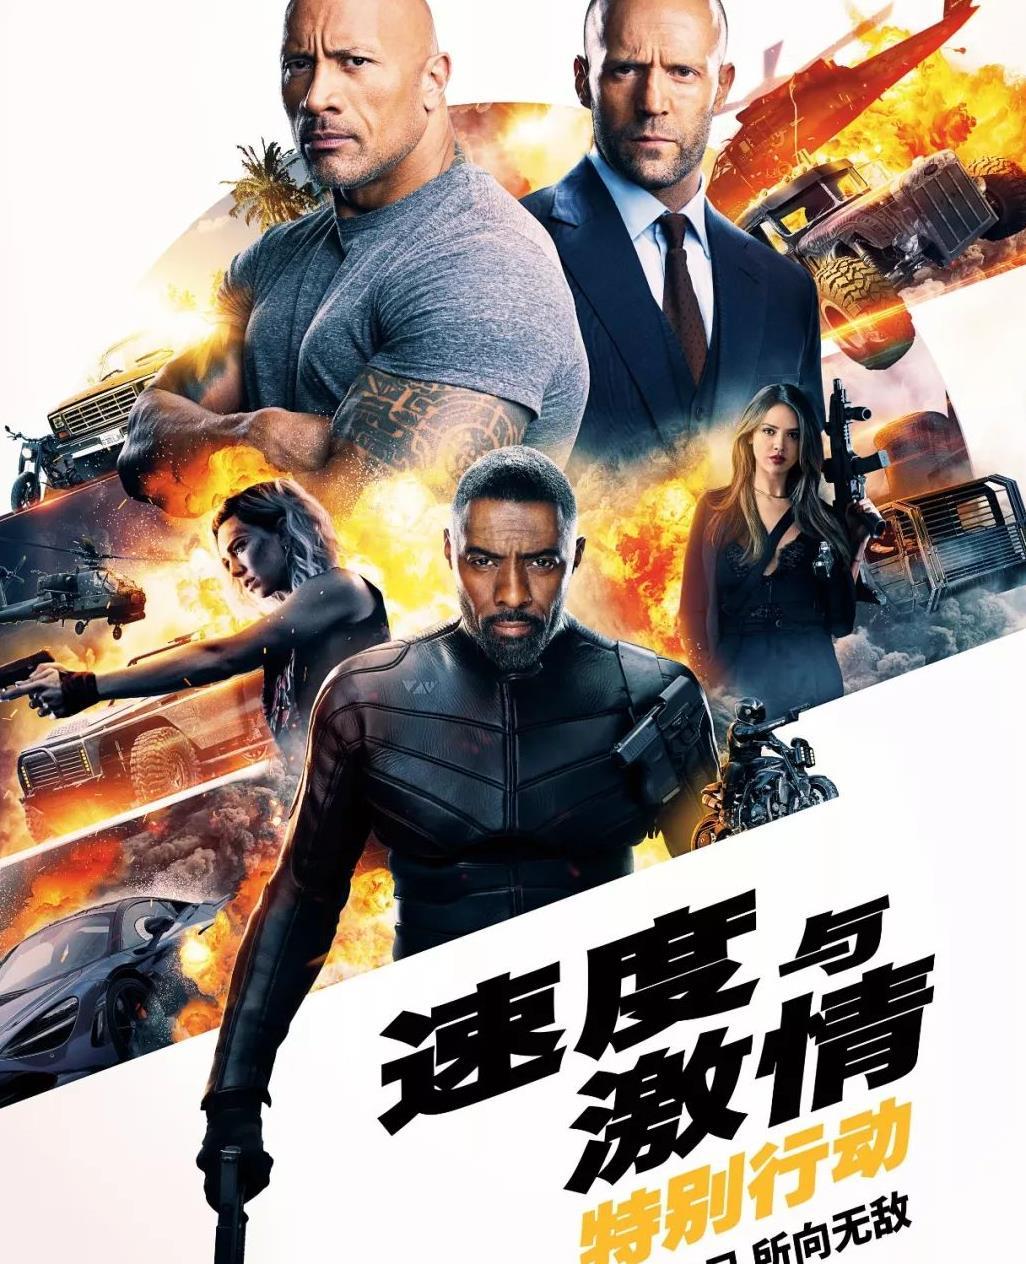 《速度与激情:特别行动》上映当日10部新片混战,周迅成最大对手